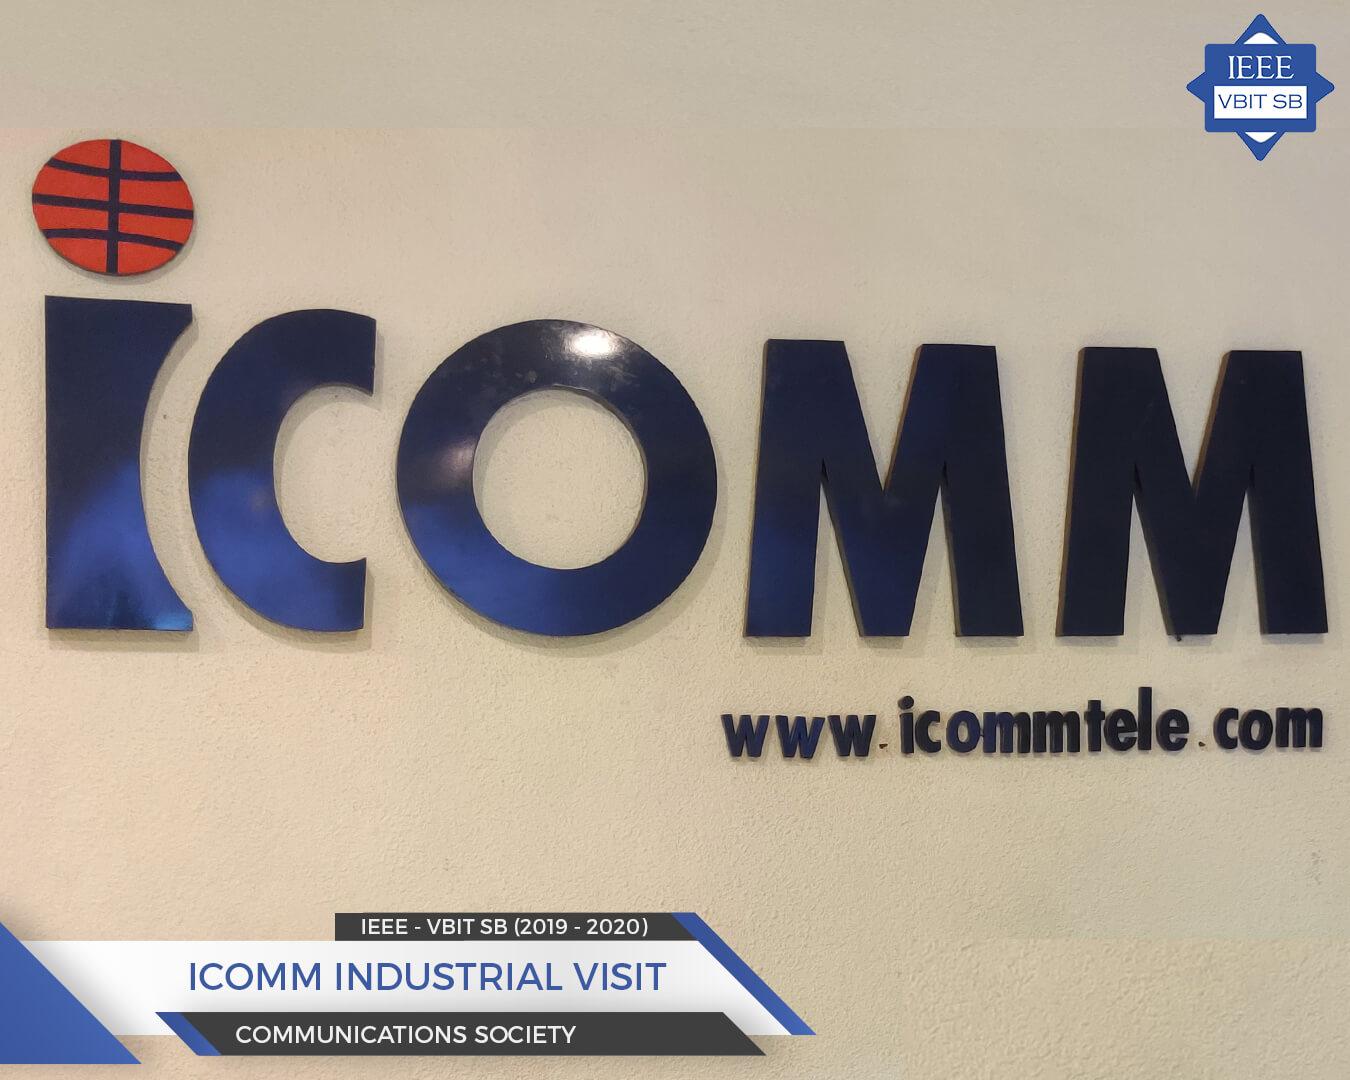 ICOMM Industrial Visit